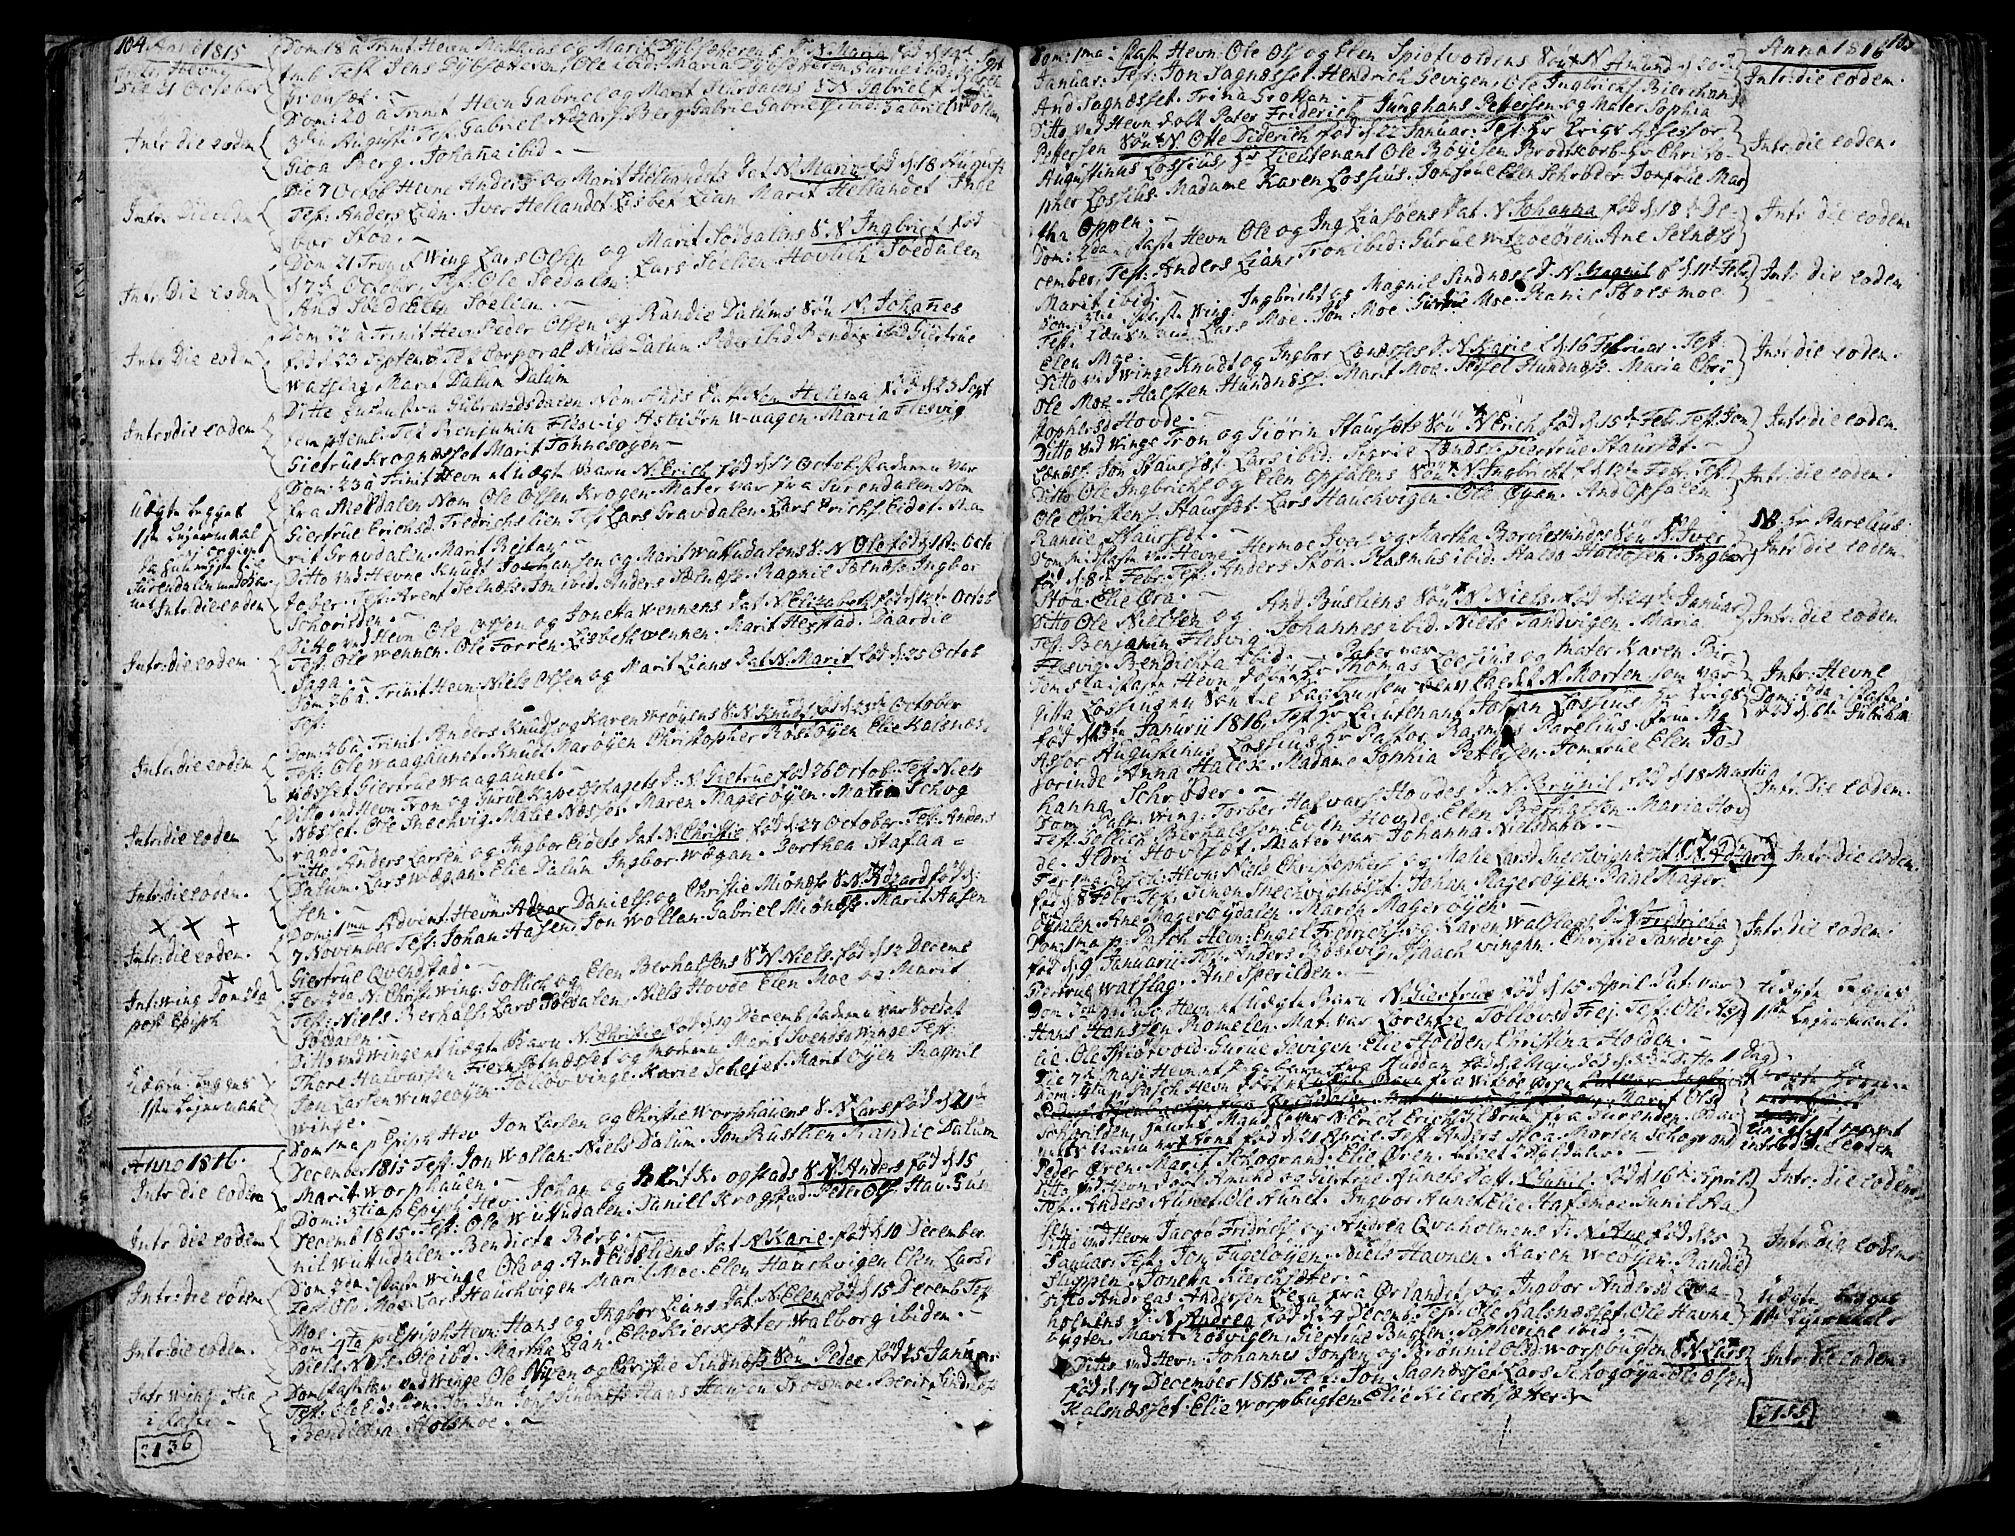 SAT, Ministerialprotokoller, klokkerbøker og fødselsregistre - Sør-Trøndelag, 630/L0490: Ministerialbok nr. 630A03, 1795-1818, s. 104-105